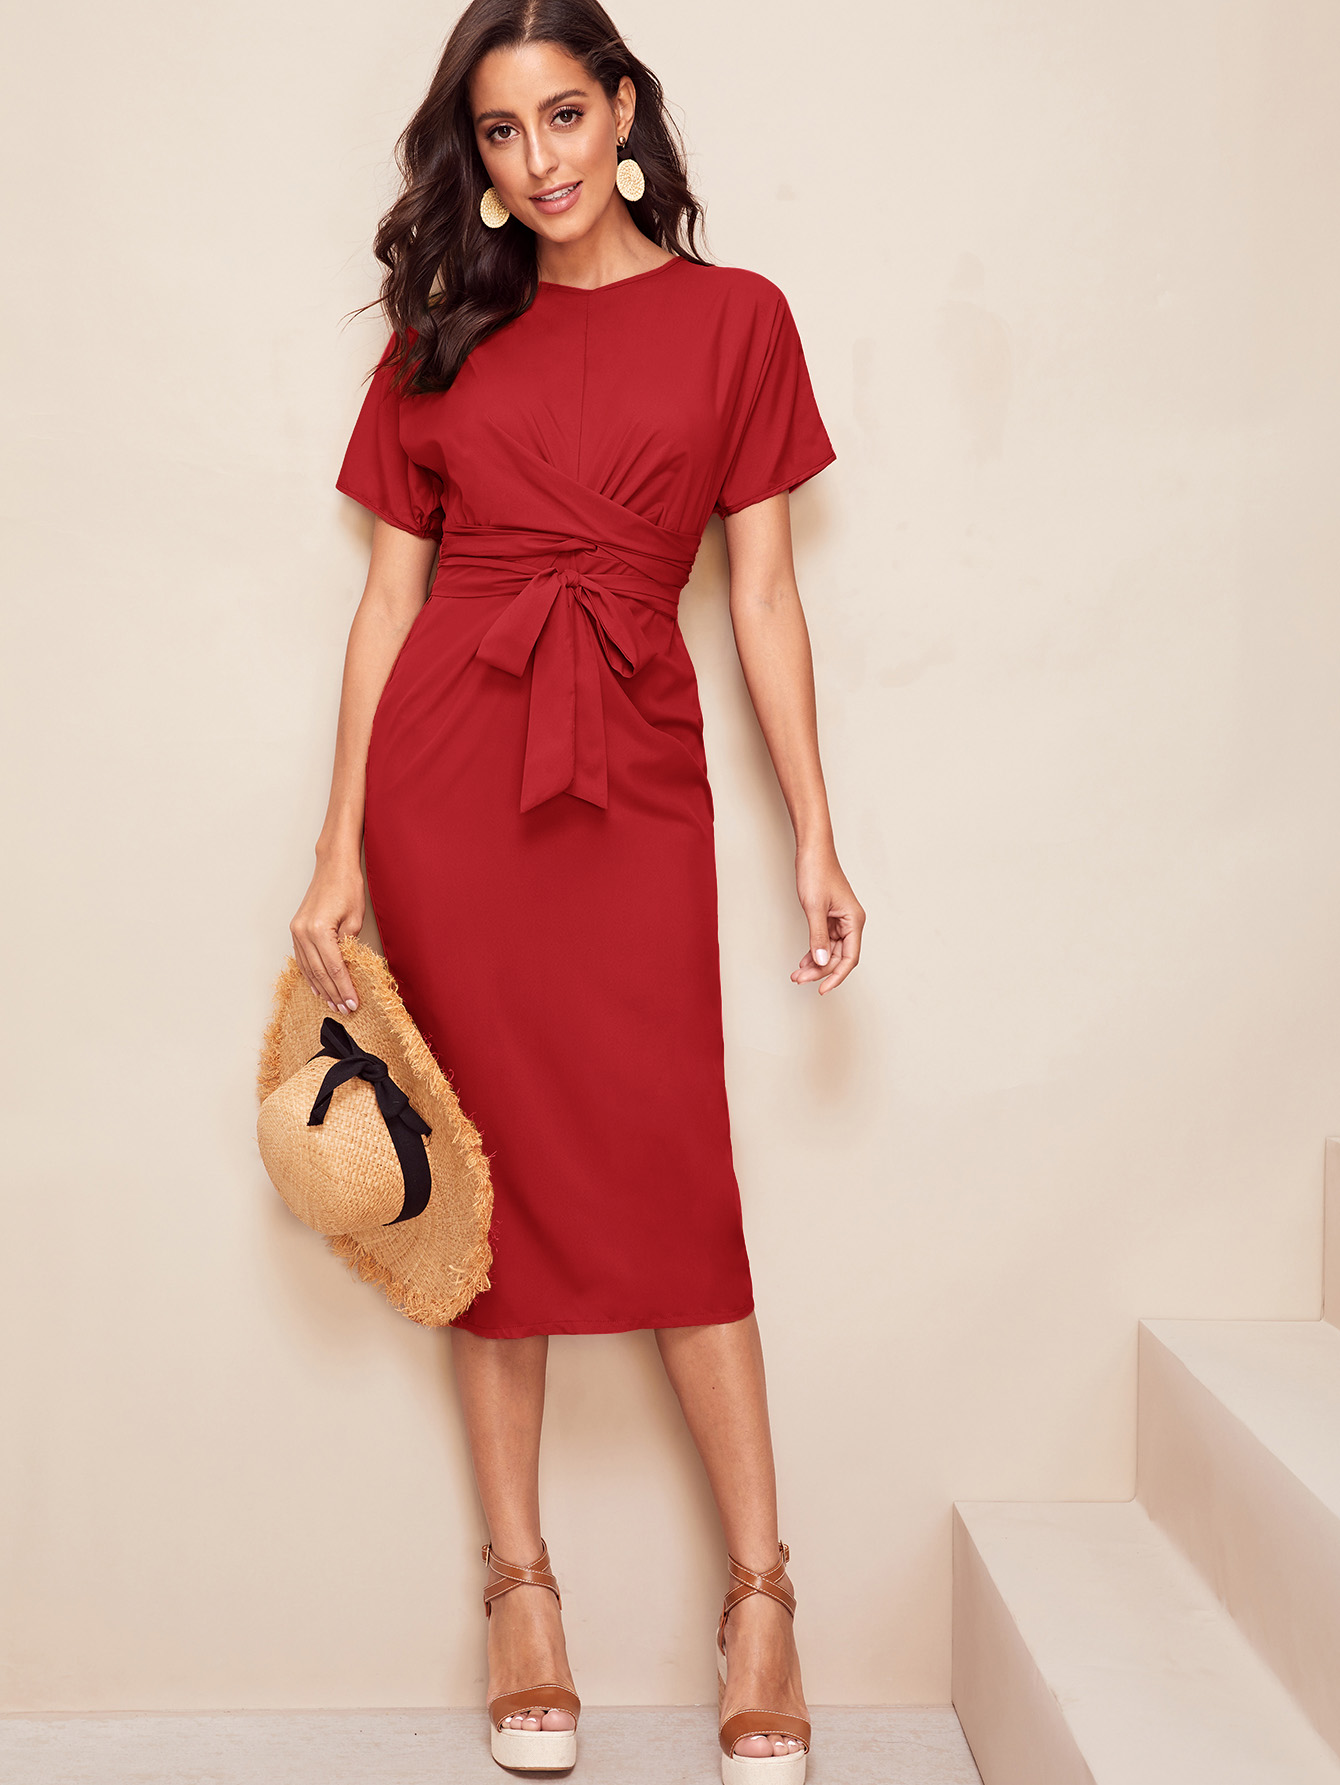 Фото 9 - Кружевное платье с вышивкой, молнией и завязкой от SheIn цвет белые